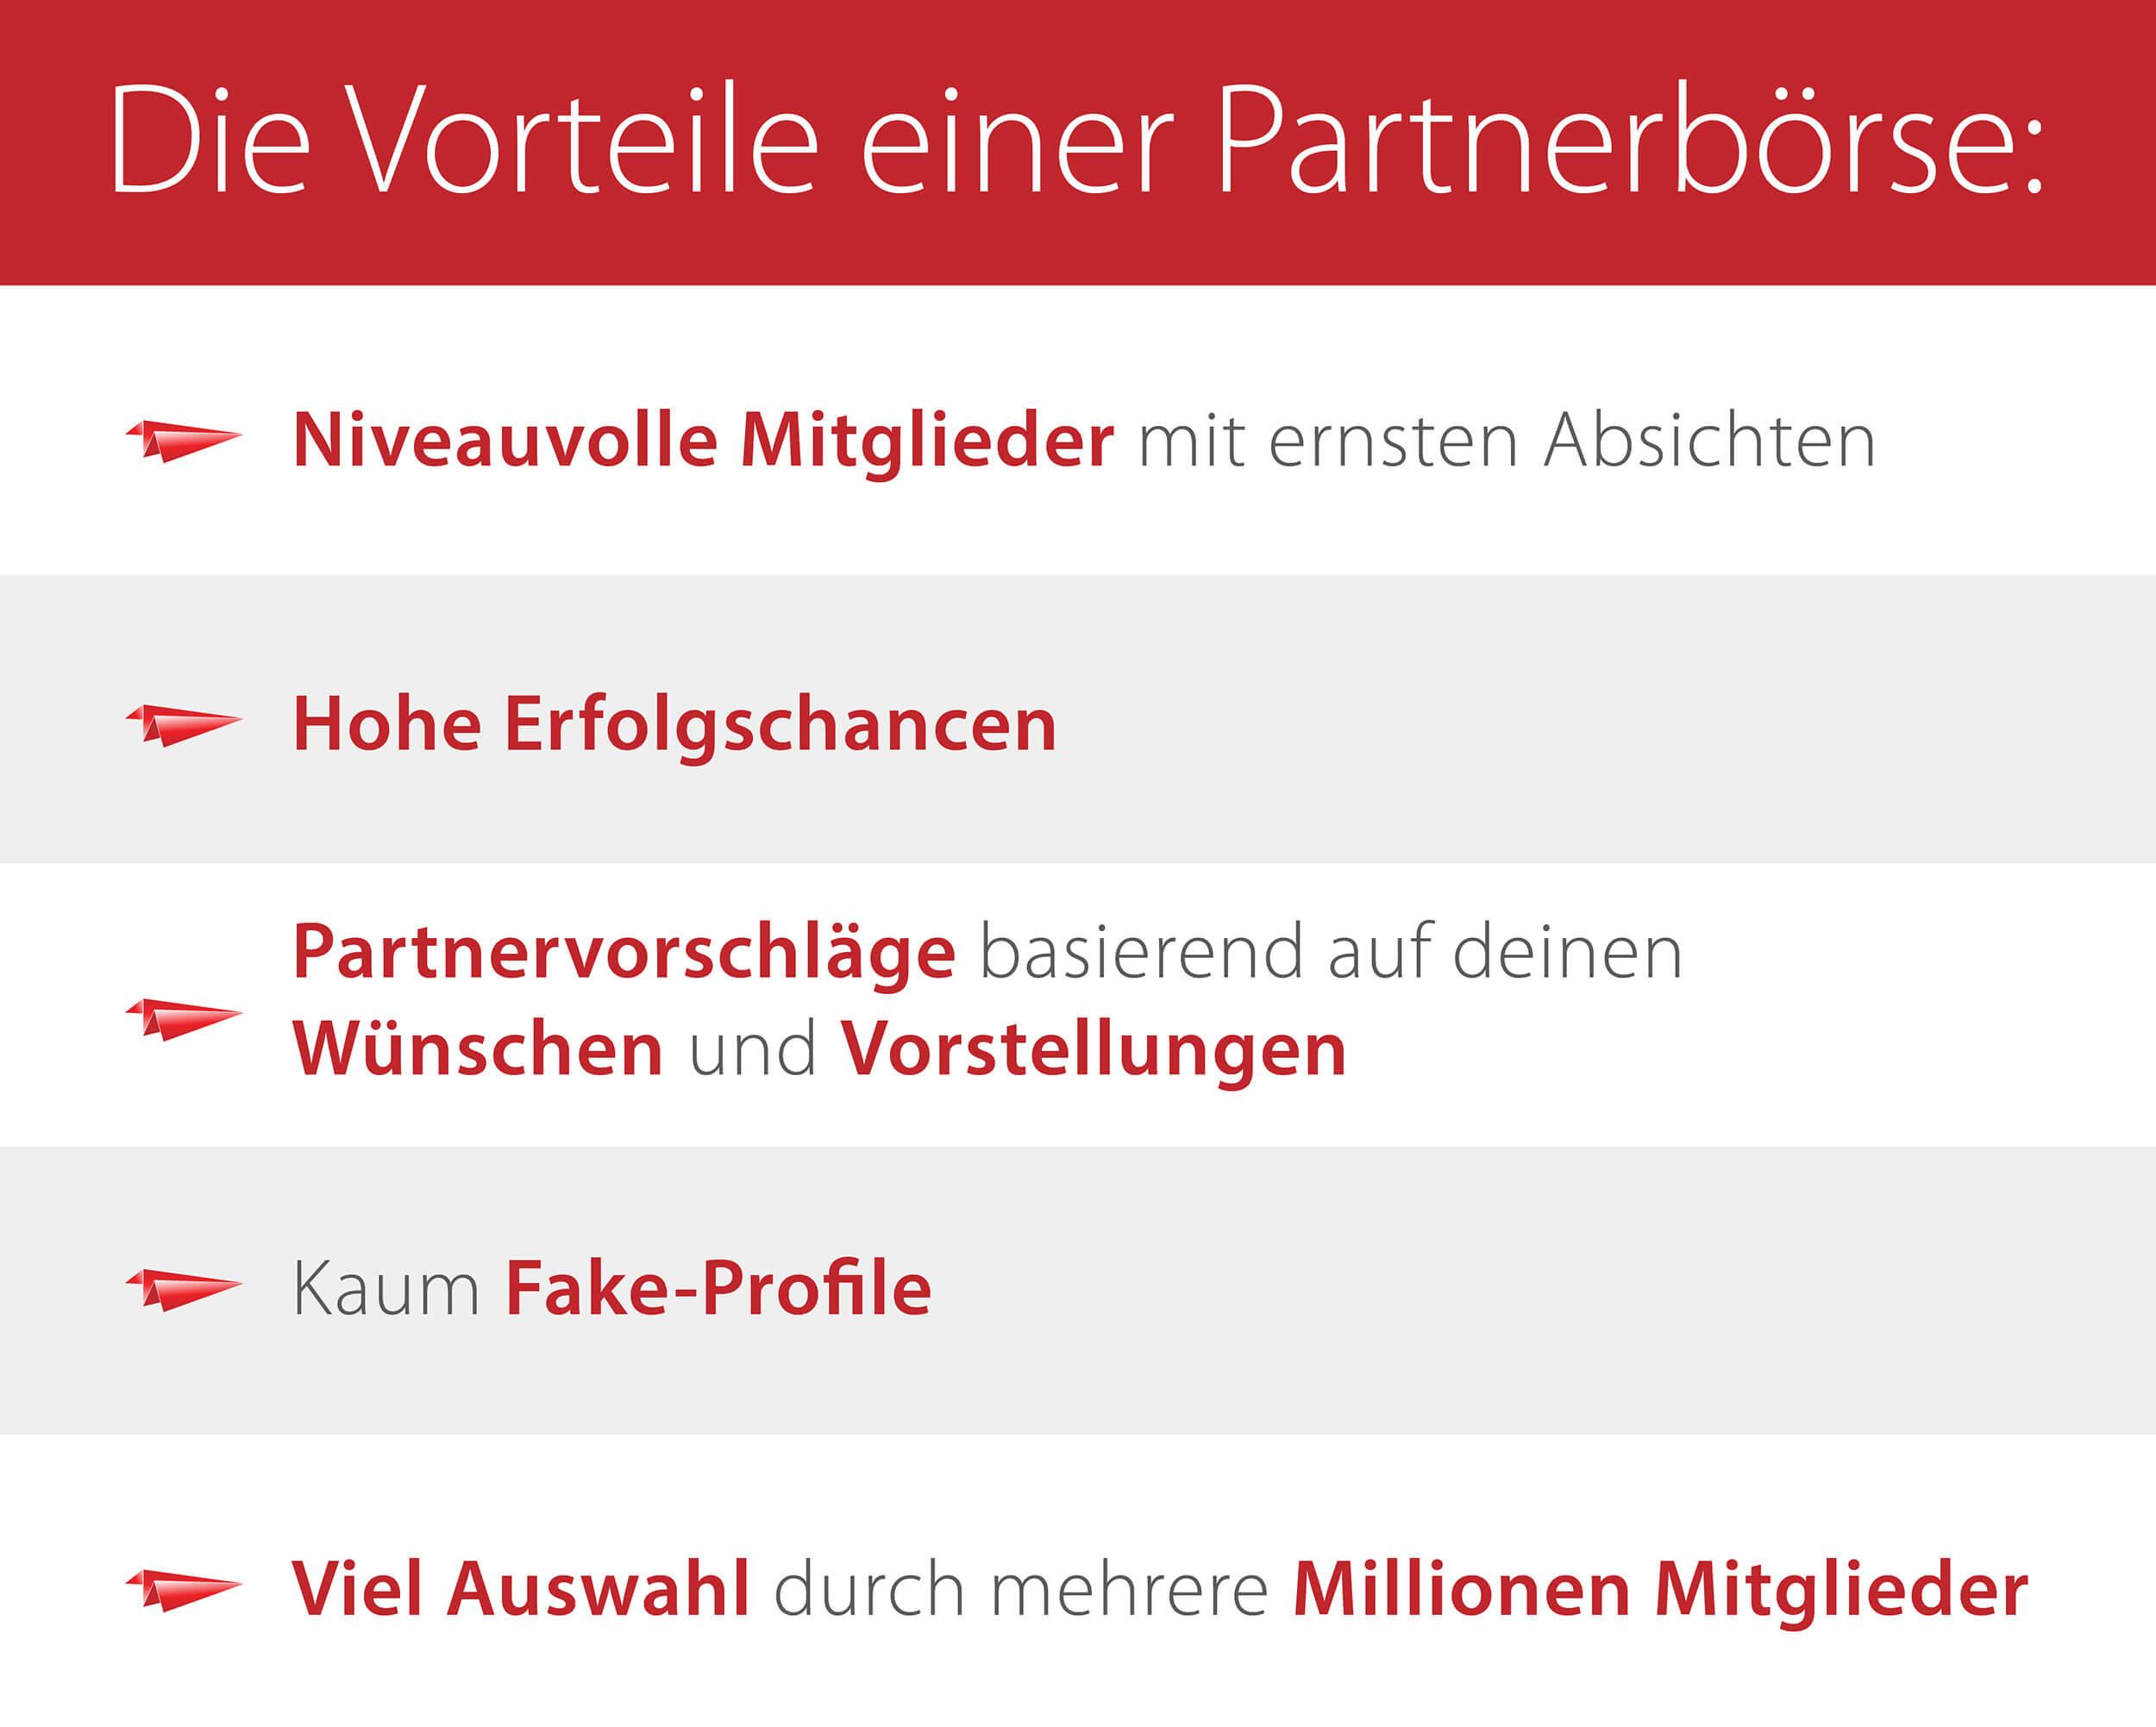 Die besten Partnerbörsen im Vergleich